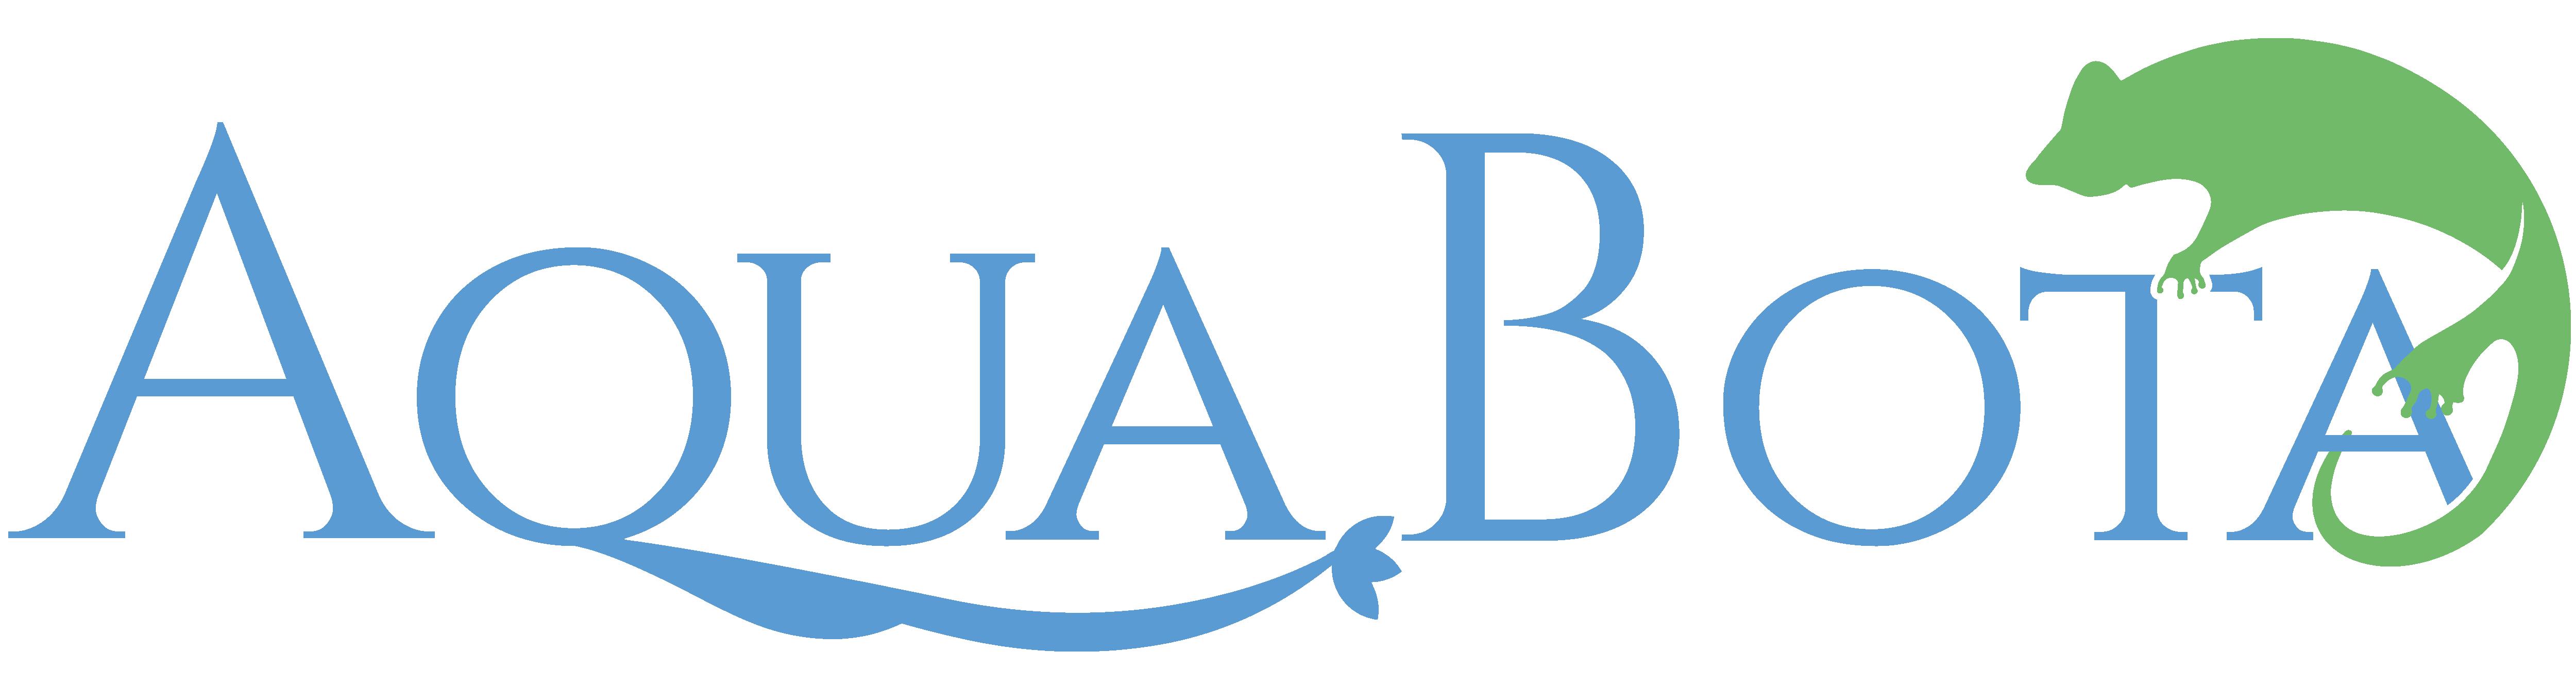 vente de matériels pour bassins, aquariums, et terrariums